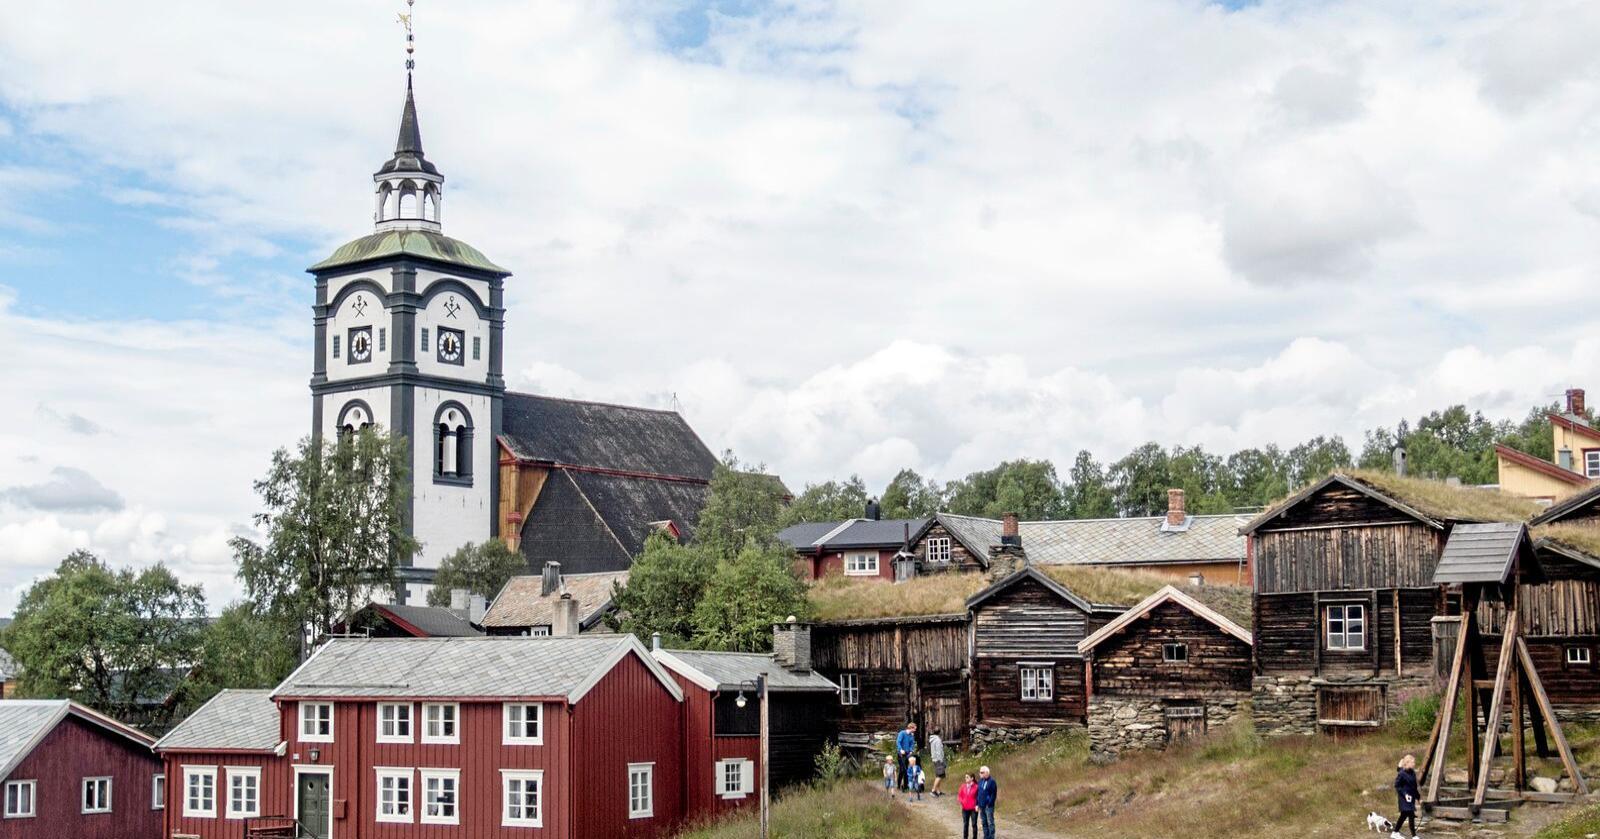 Bergstaden Røros er blant stedene næringsminister Iselin Nybø (V) trekker fram som steder nordmenn kanskje kan besøke i sommerferien. Foto: Paul Kleiven / NTB scanpix